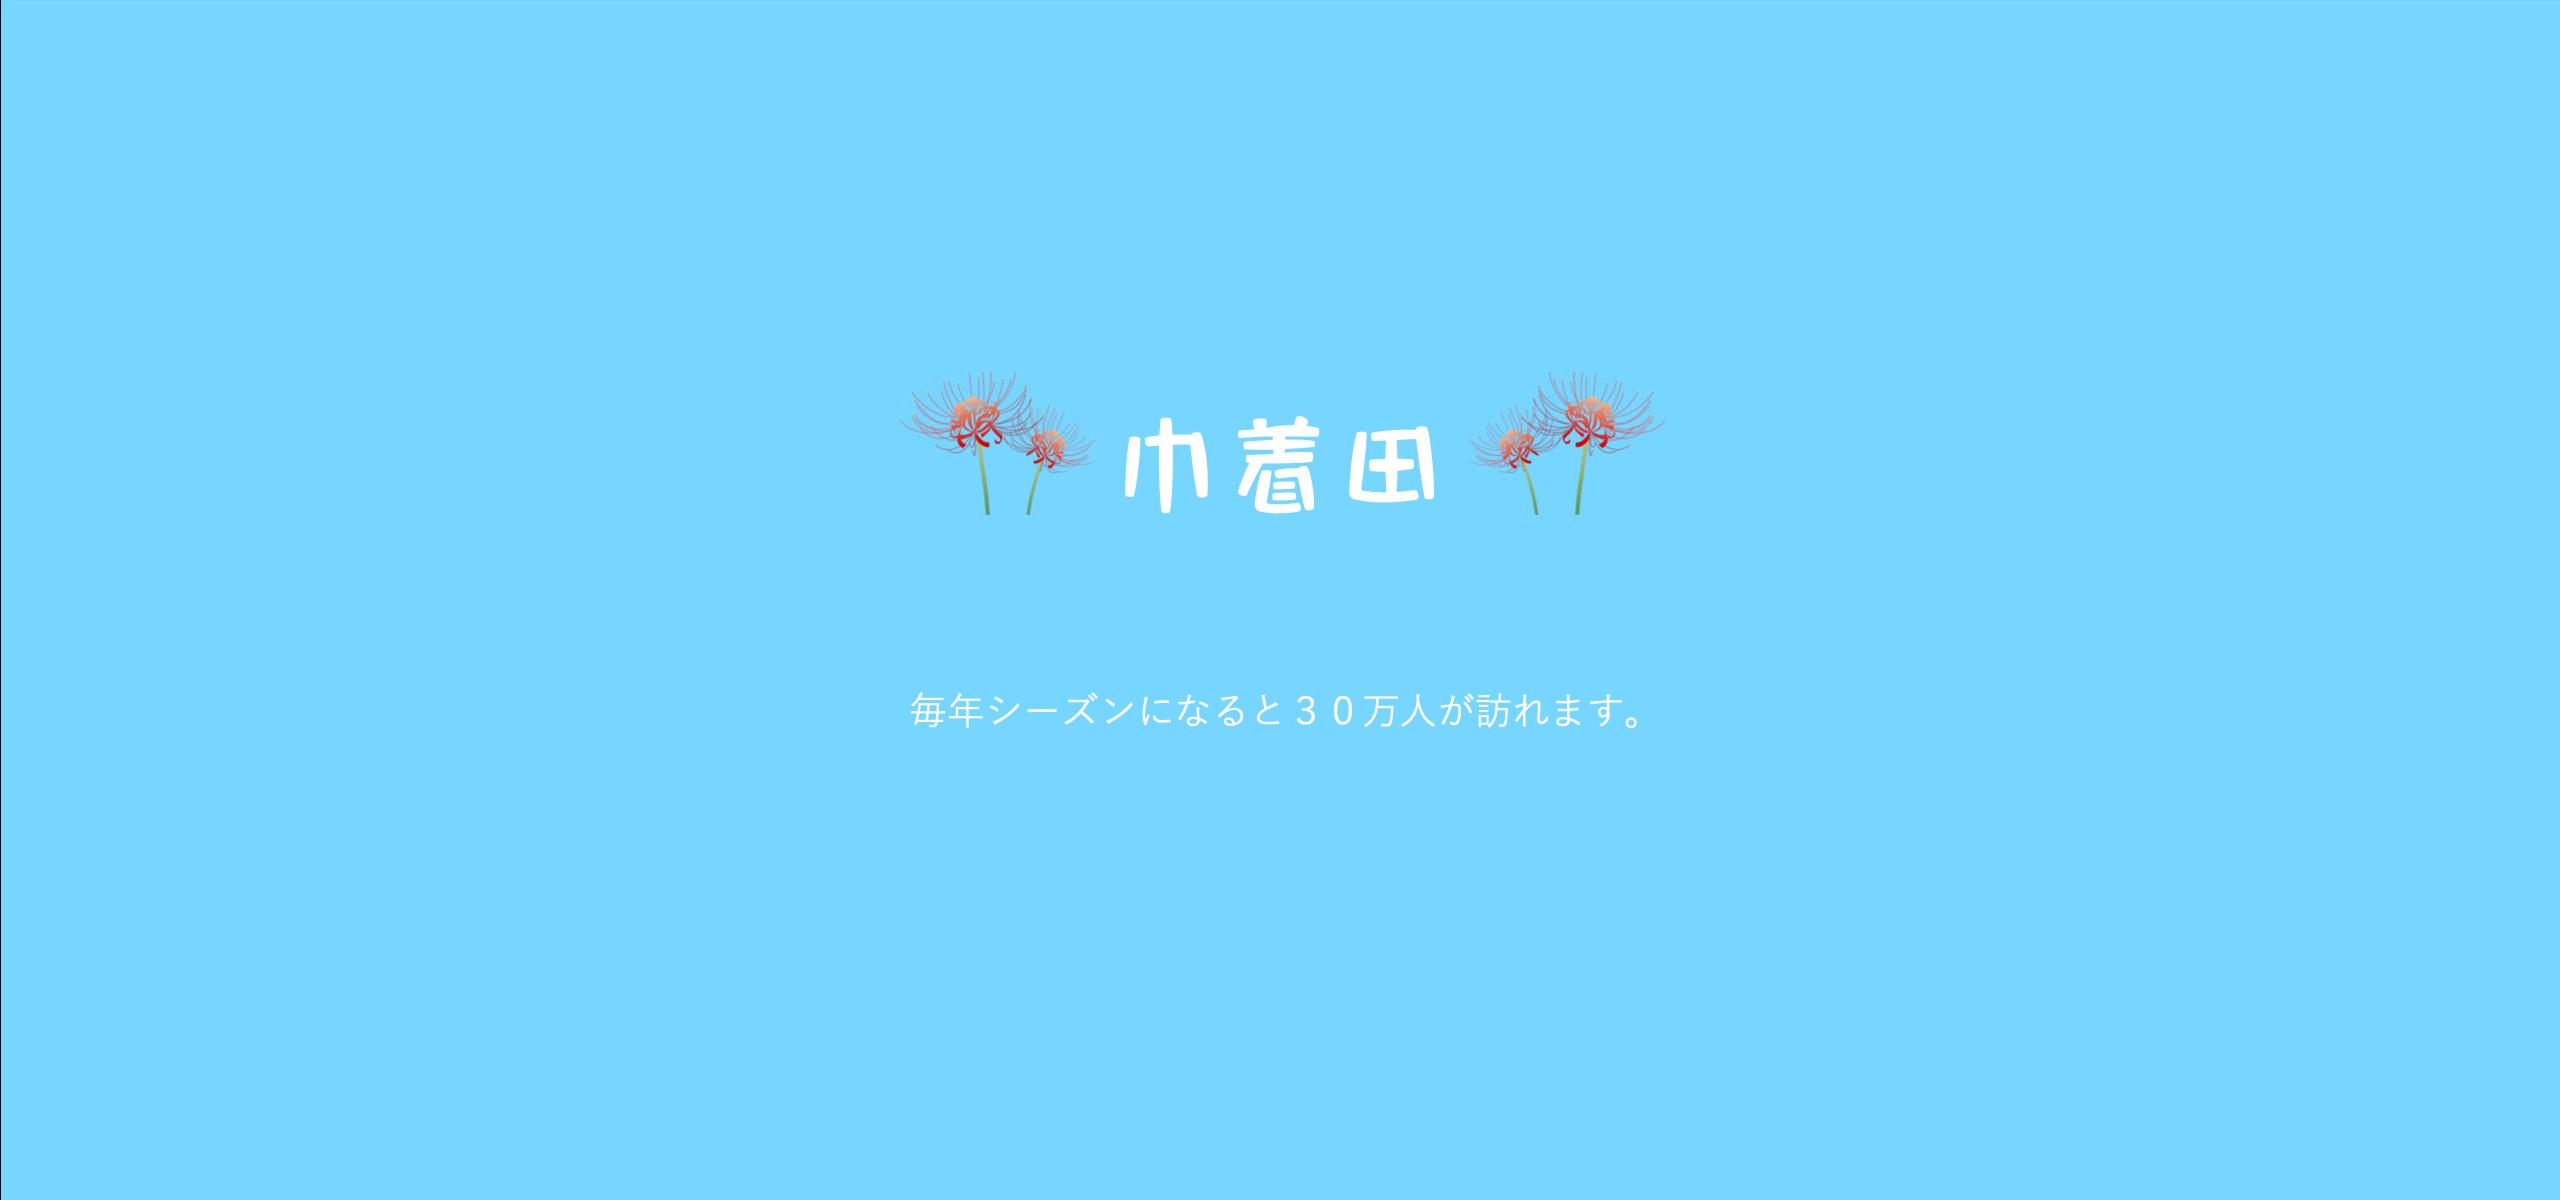 日高市巾着田の彼岸花【曼珠沙華】